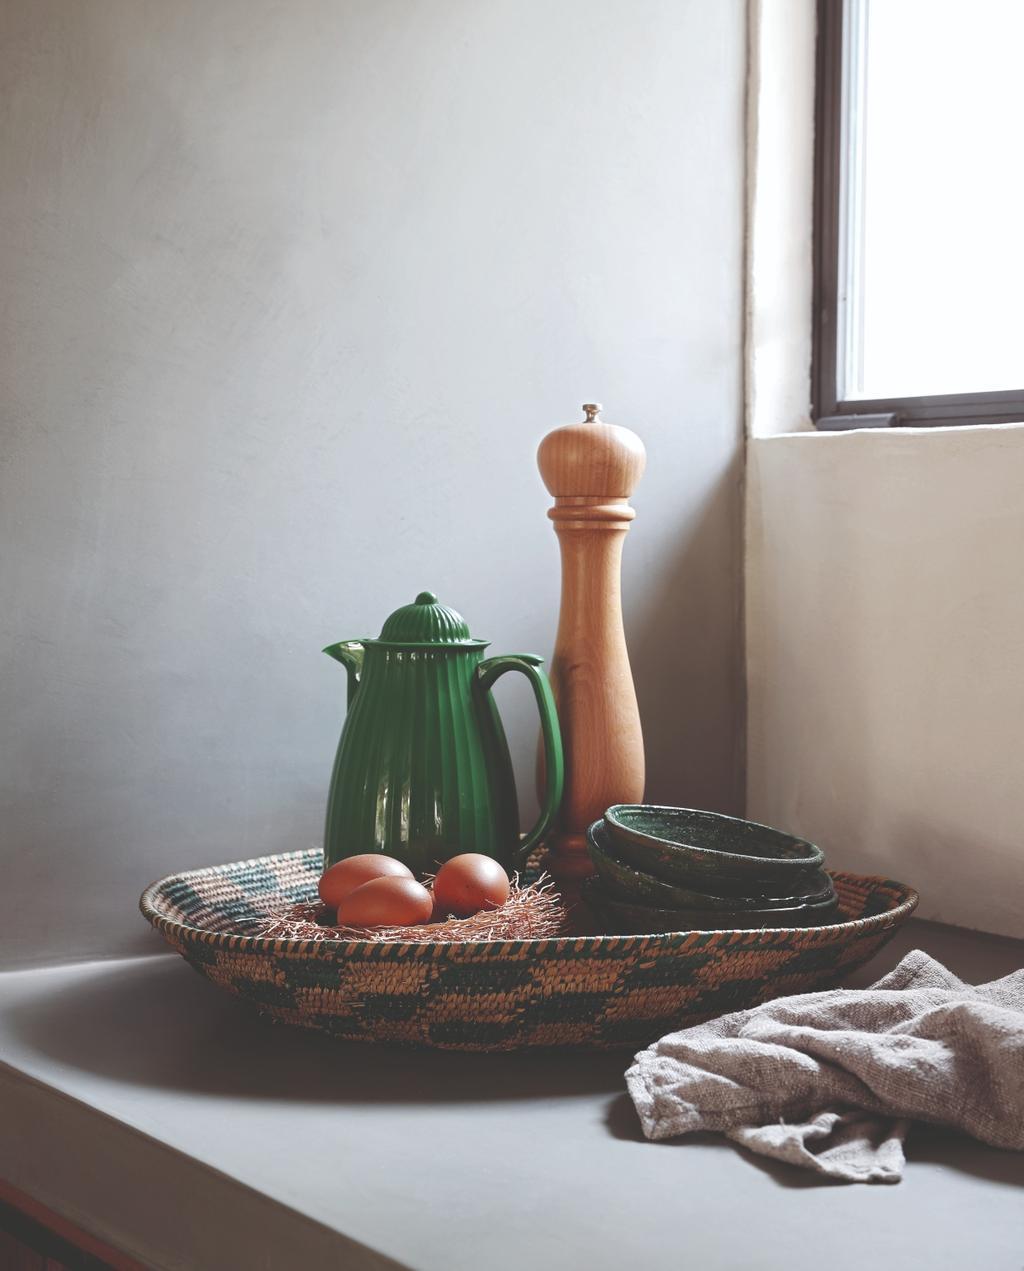 vtwonen 07-2020 binnenkijken ibiza keuken dienblad met pepermolen en koffiekan